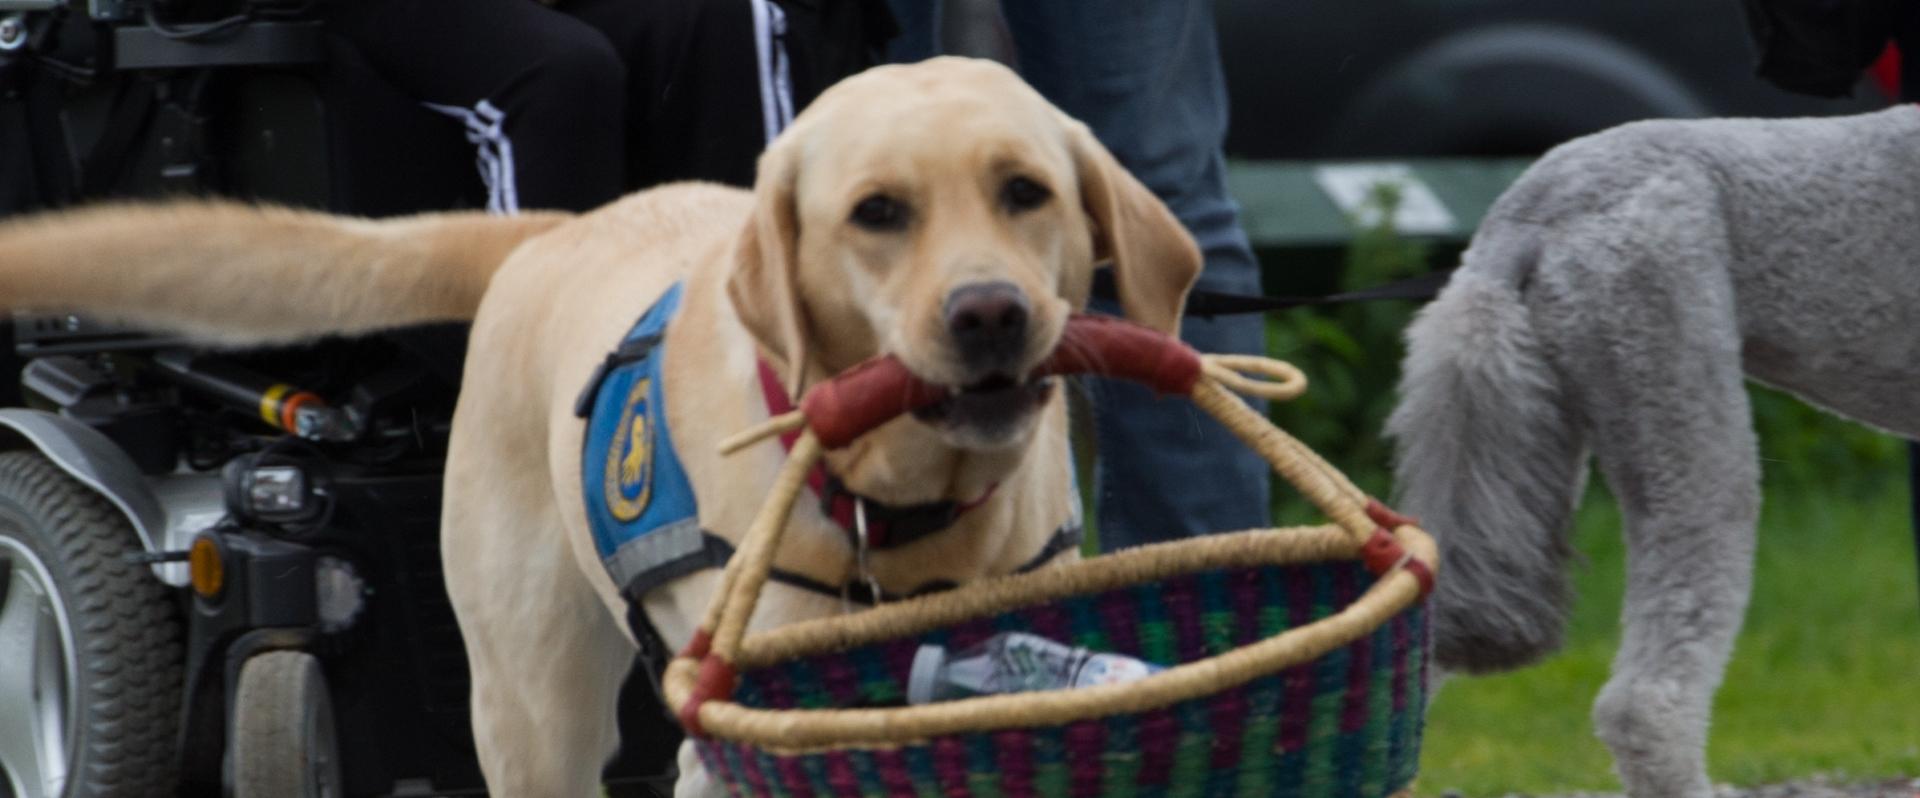 Billede af hund der bærer kurv